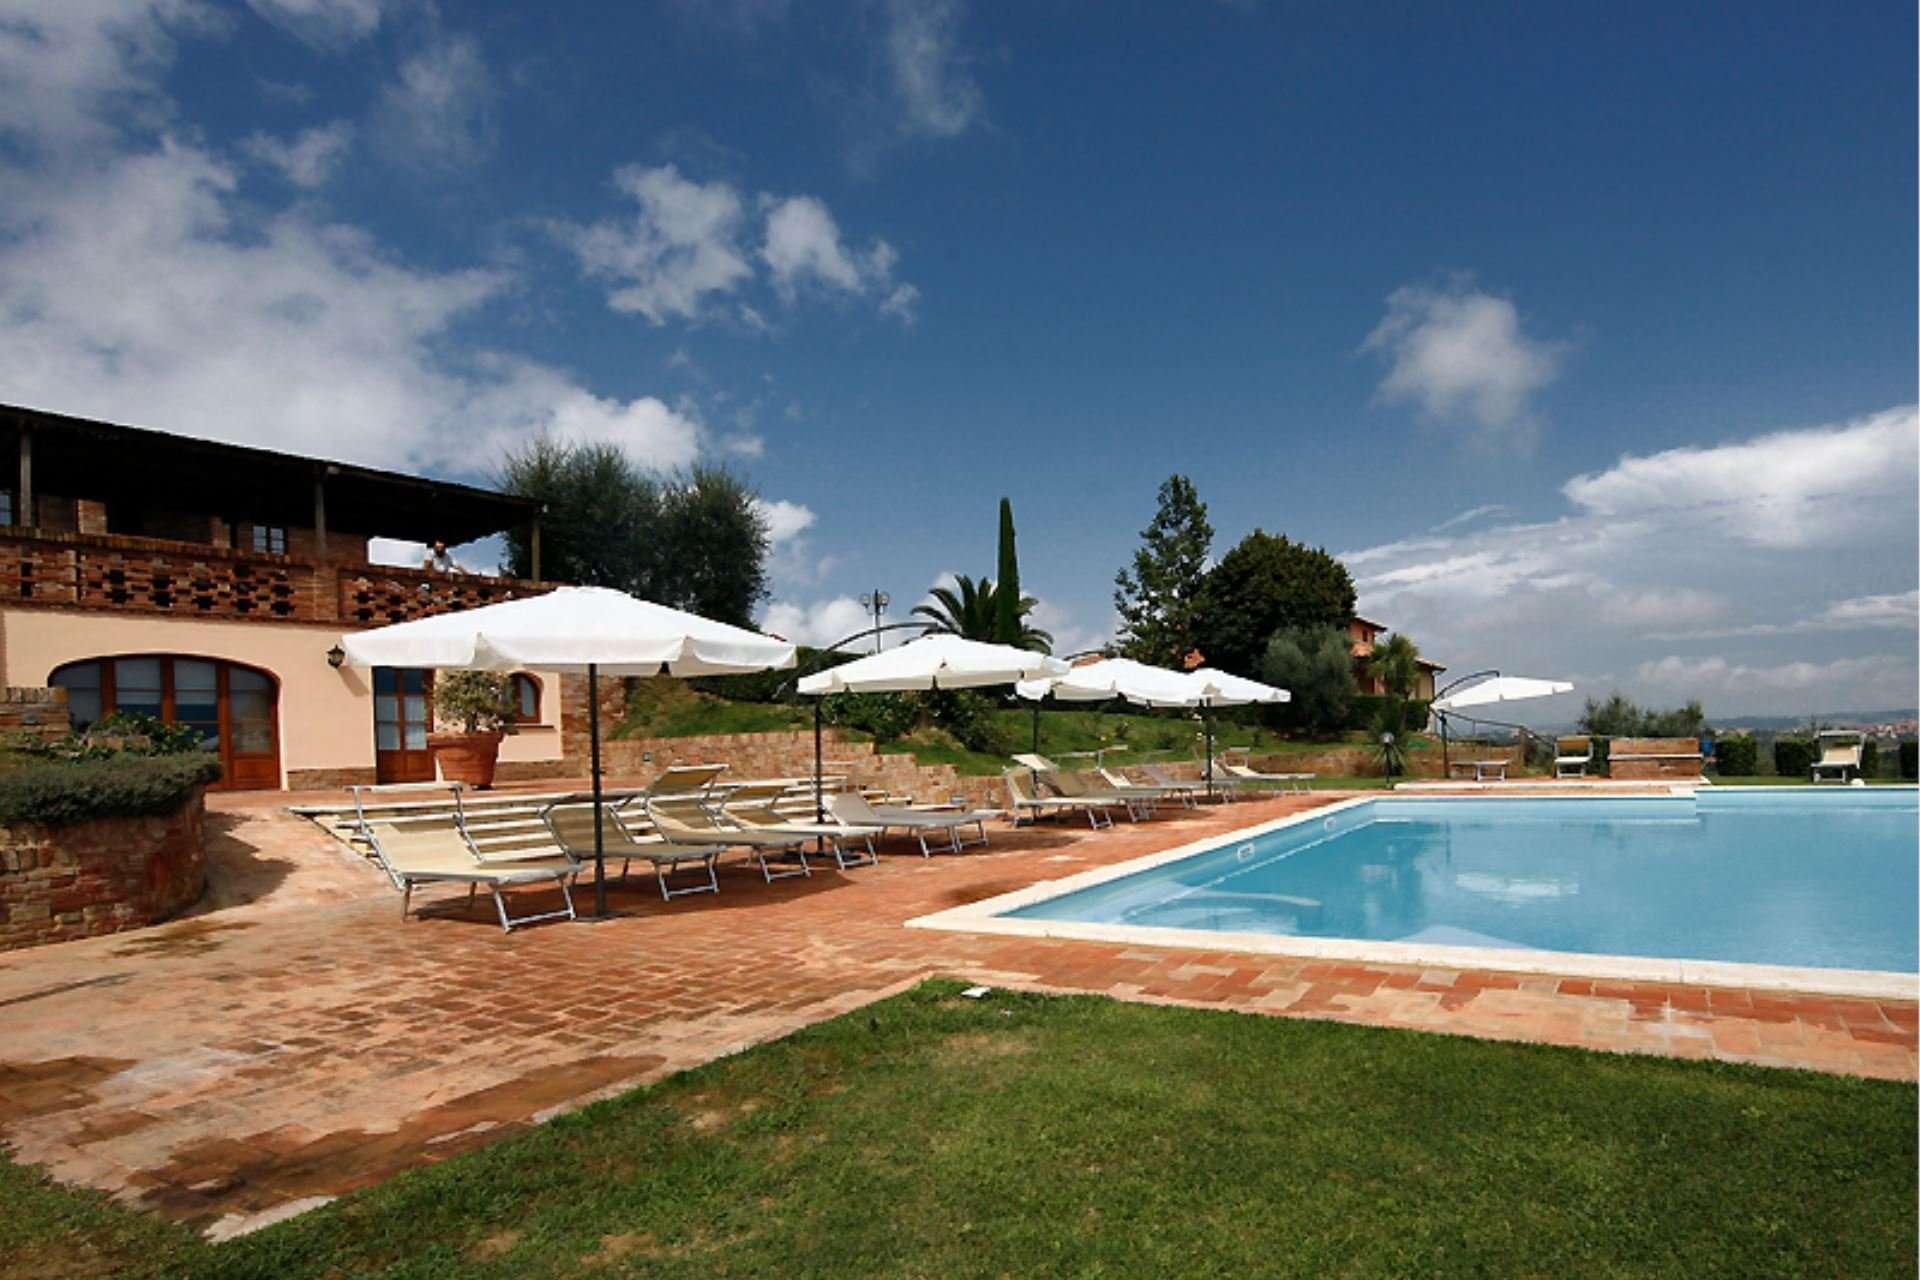 sanguineto - zwembad met parasols